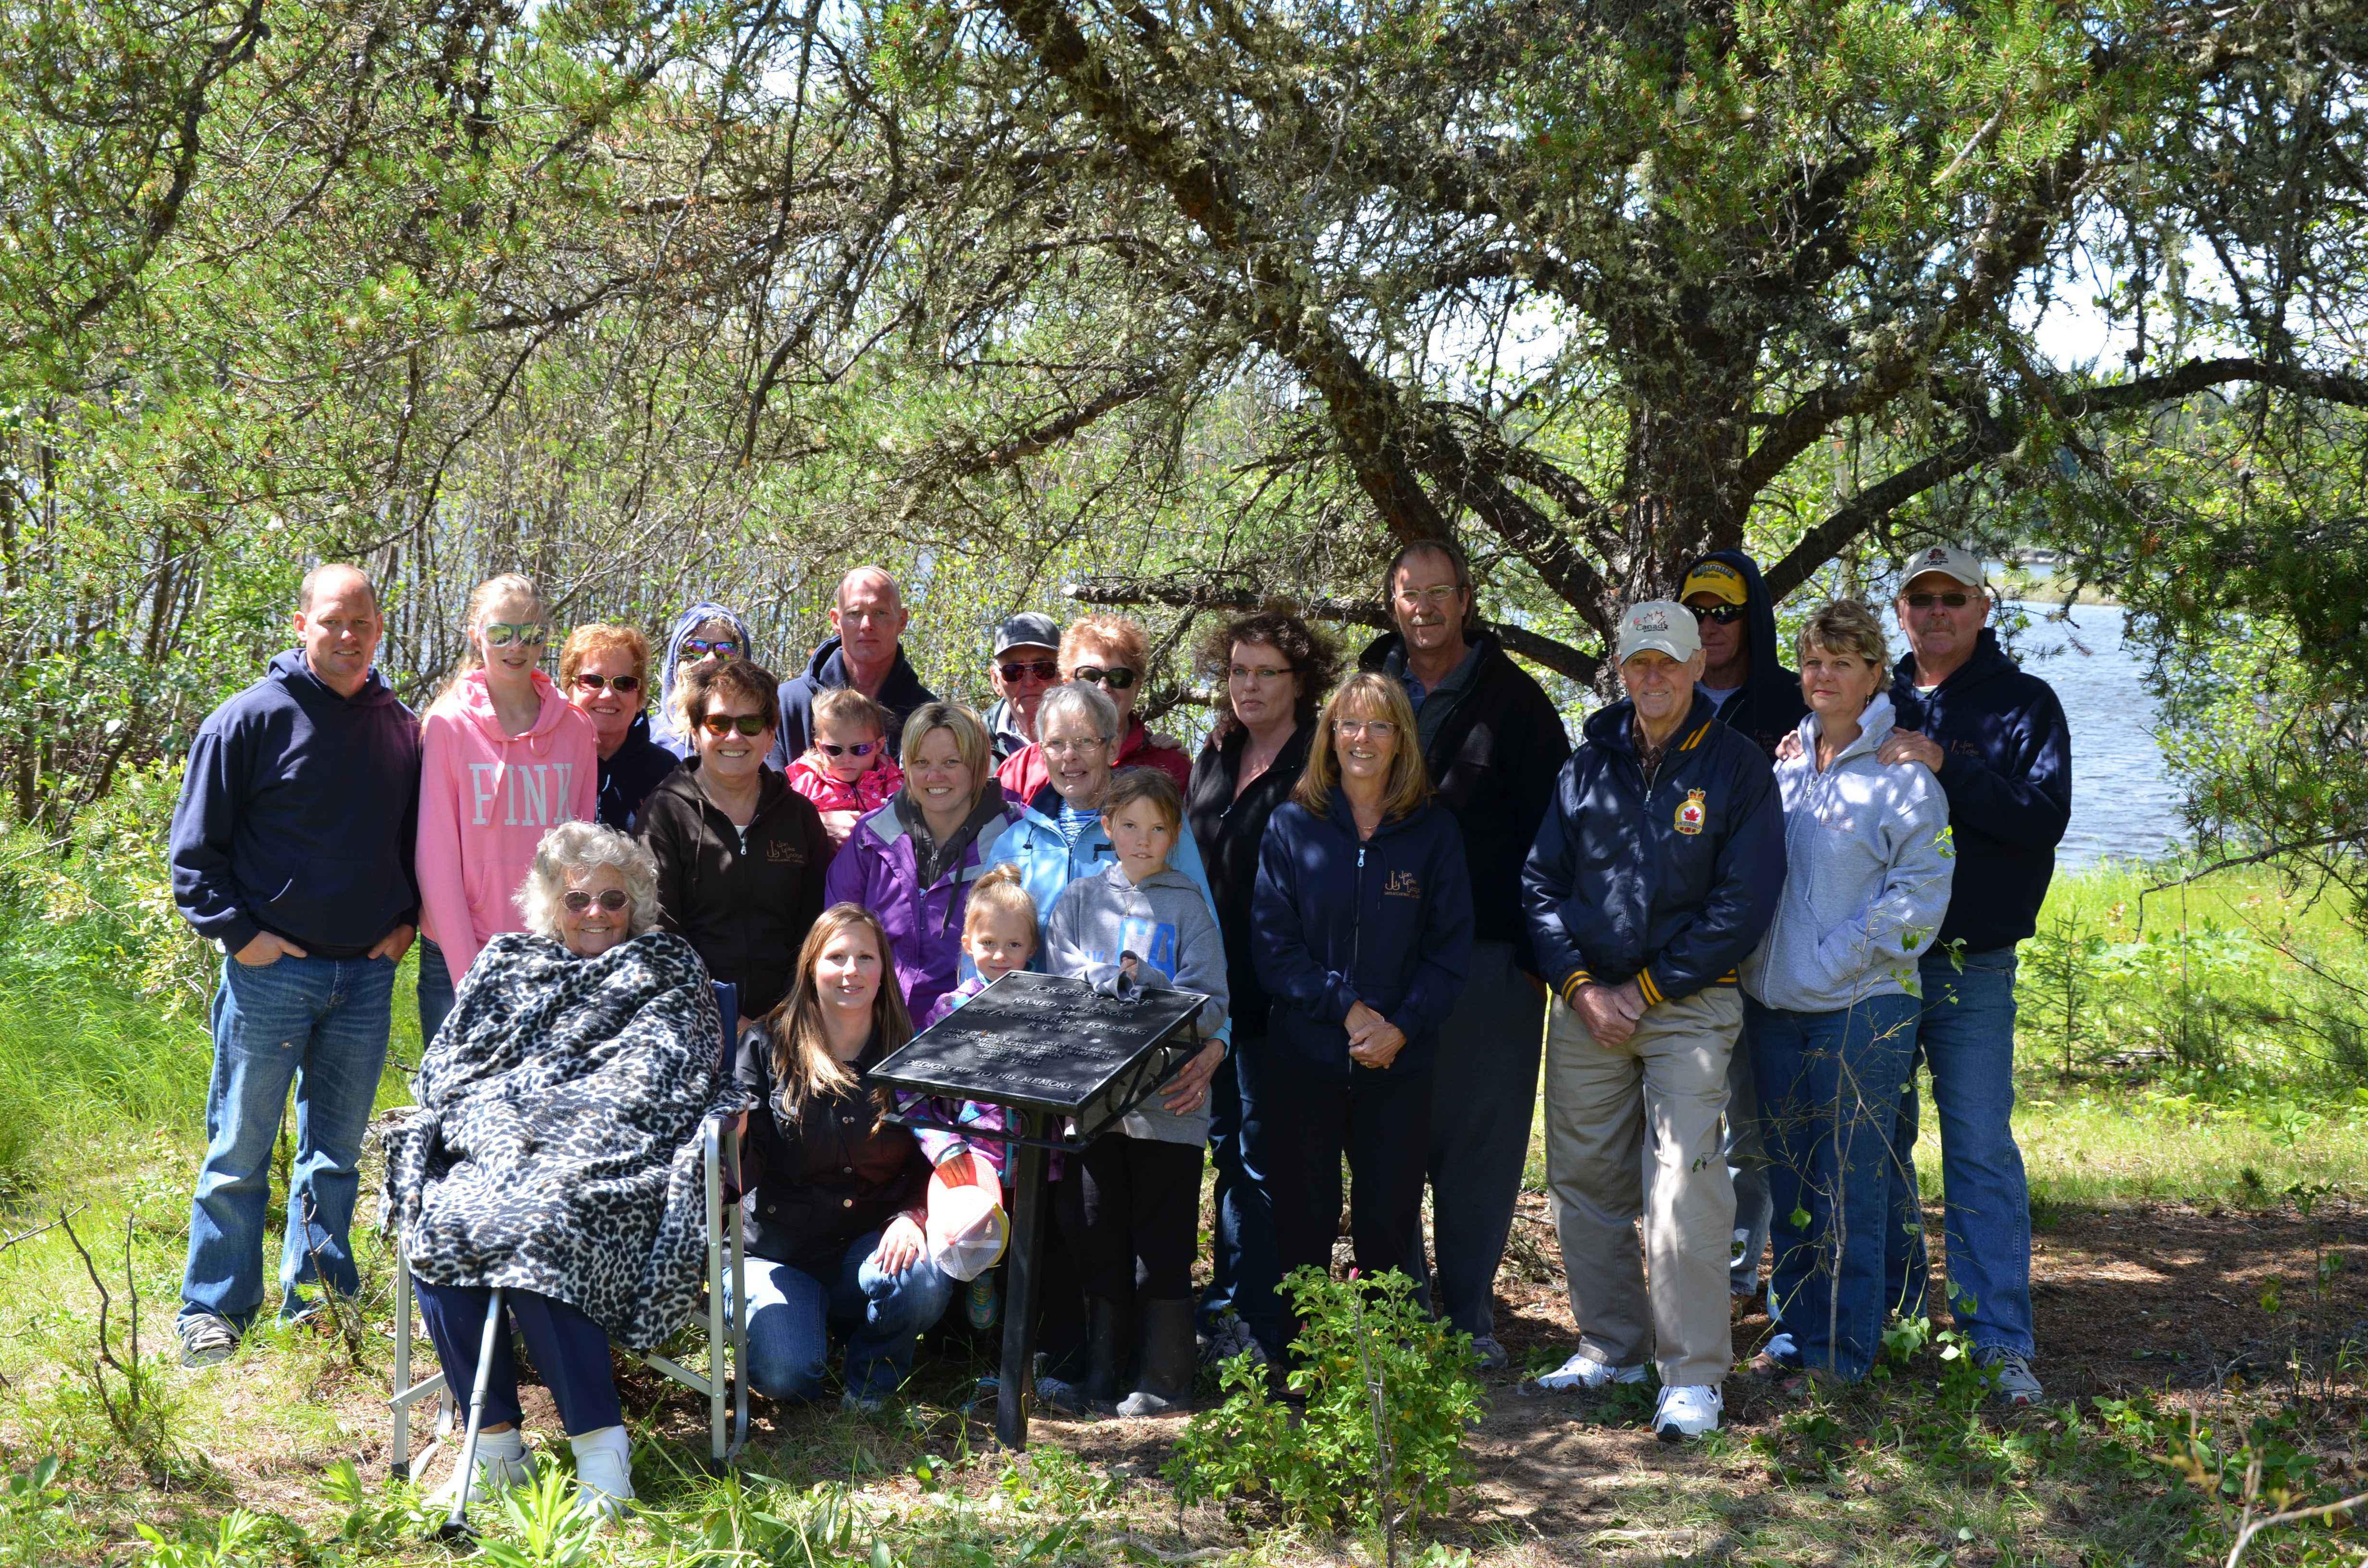 Forsberg Family Reunion– Family reunion at Forsberg Lake in memory of Norman Forsberg, brother to M.S. Forsberg. Summer of 2014